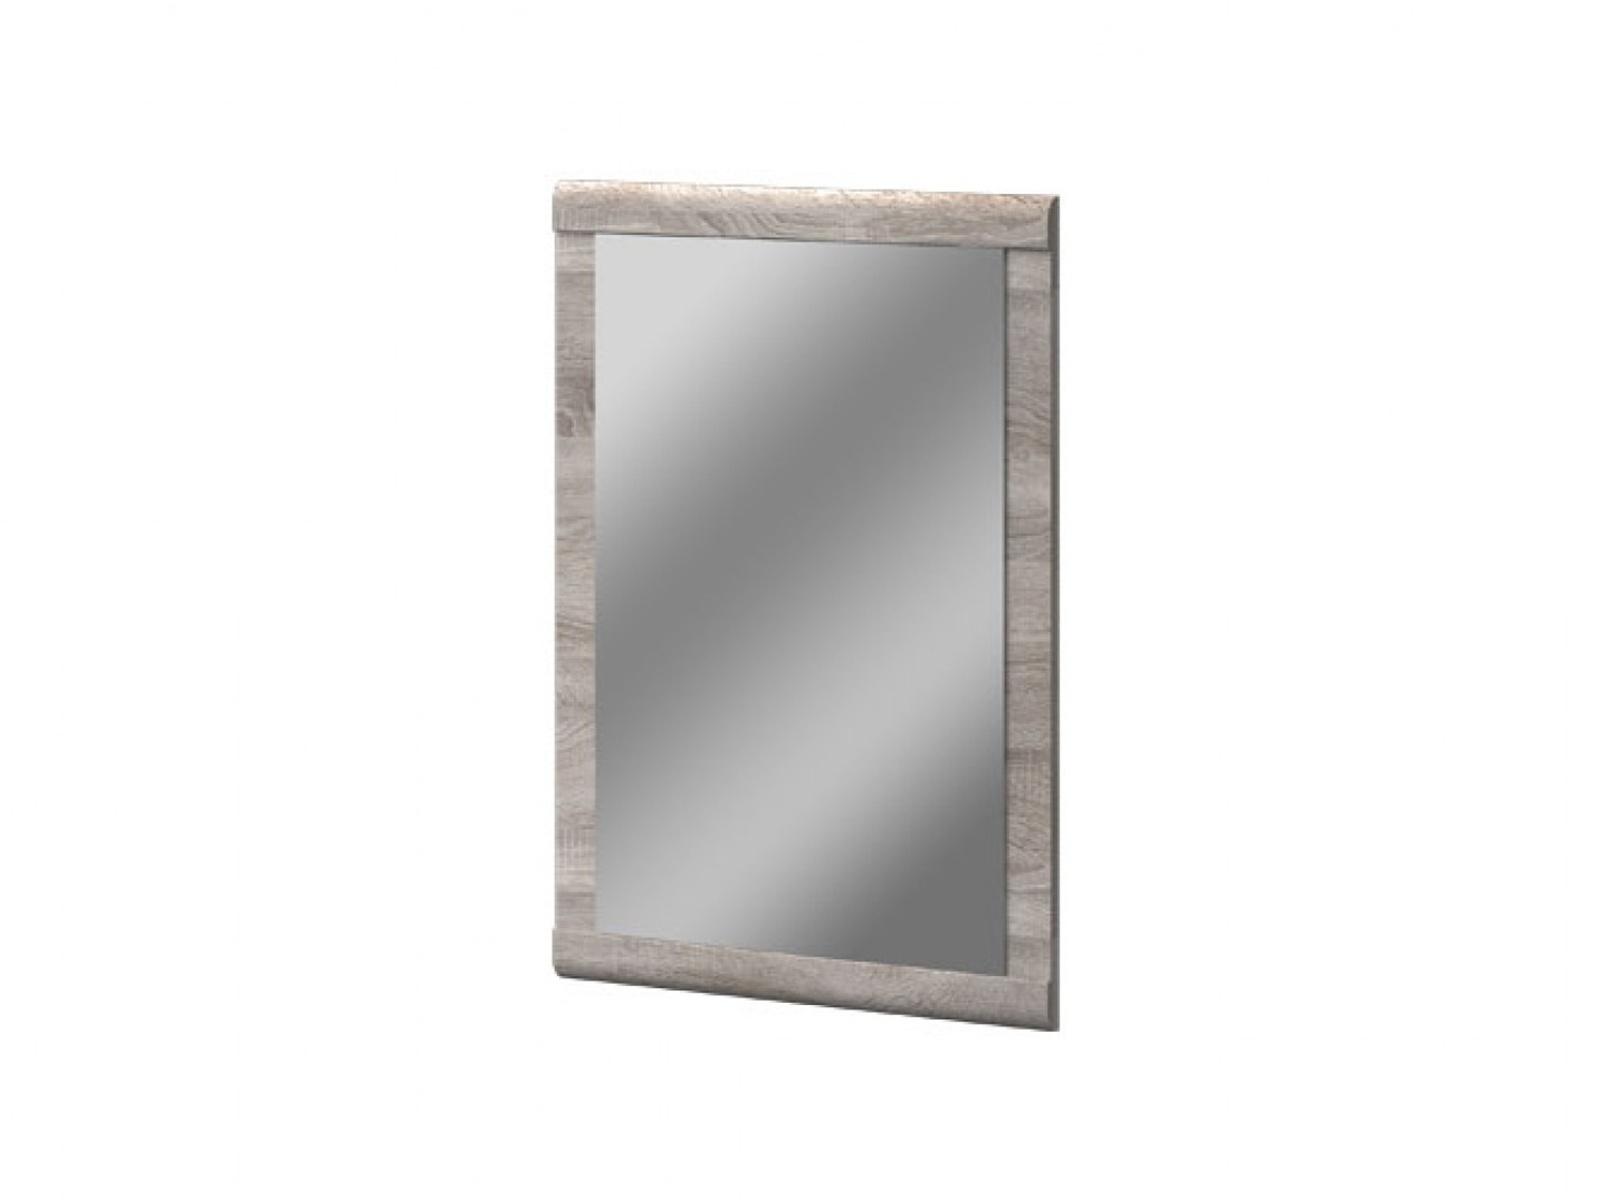 Decodom BELINGO typ 05 zrcadlo, dub bardolino